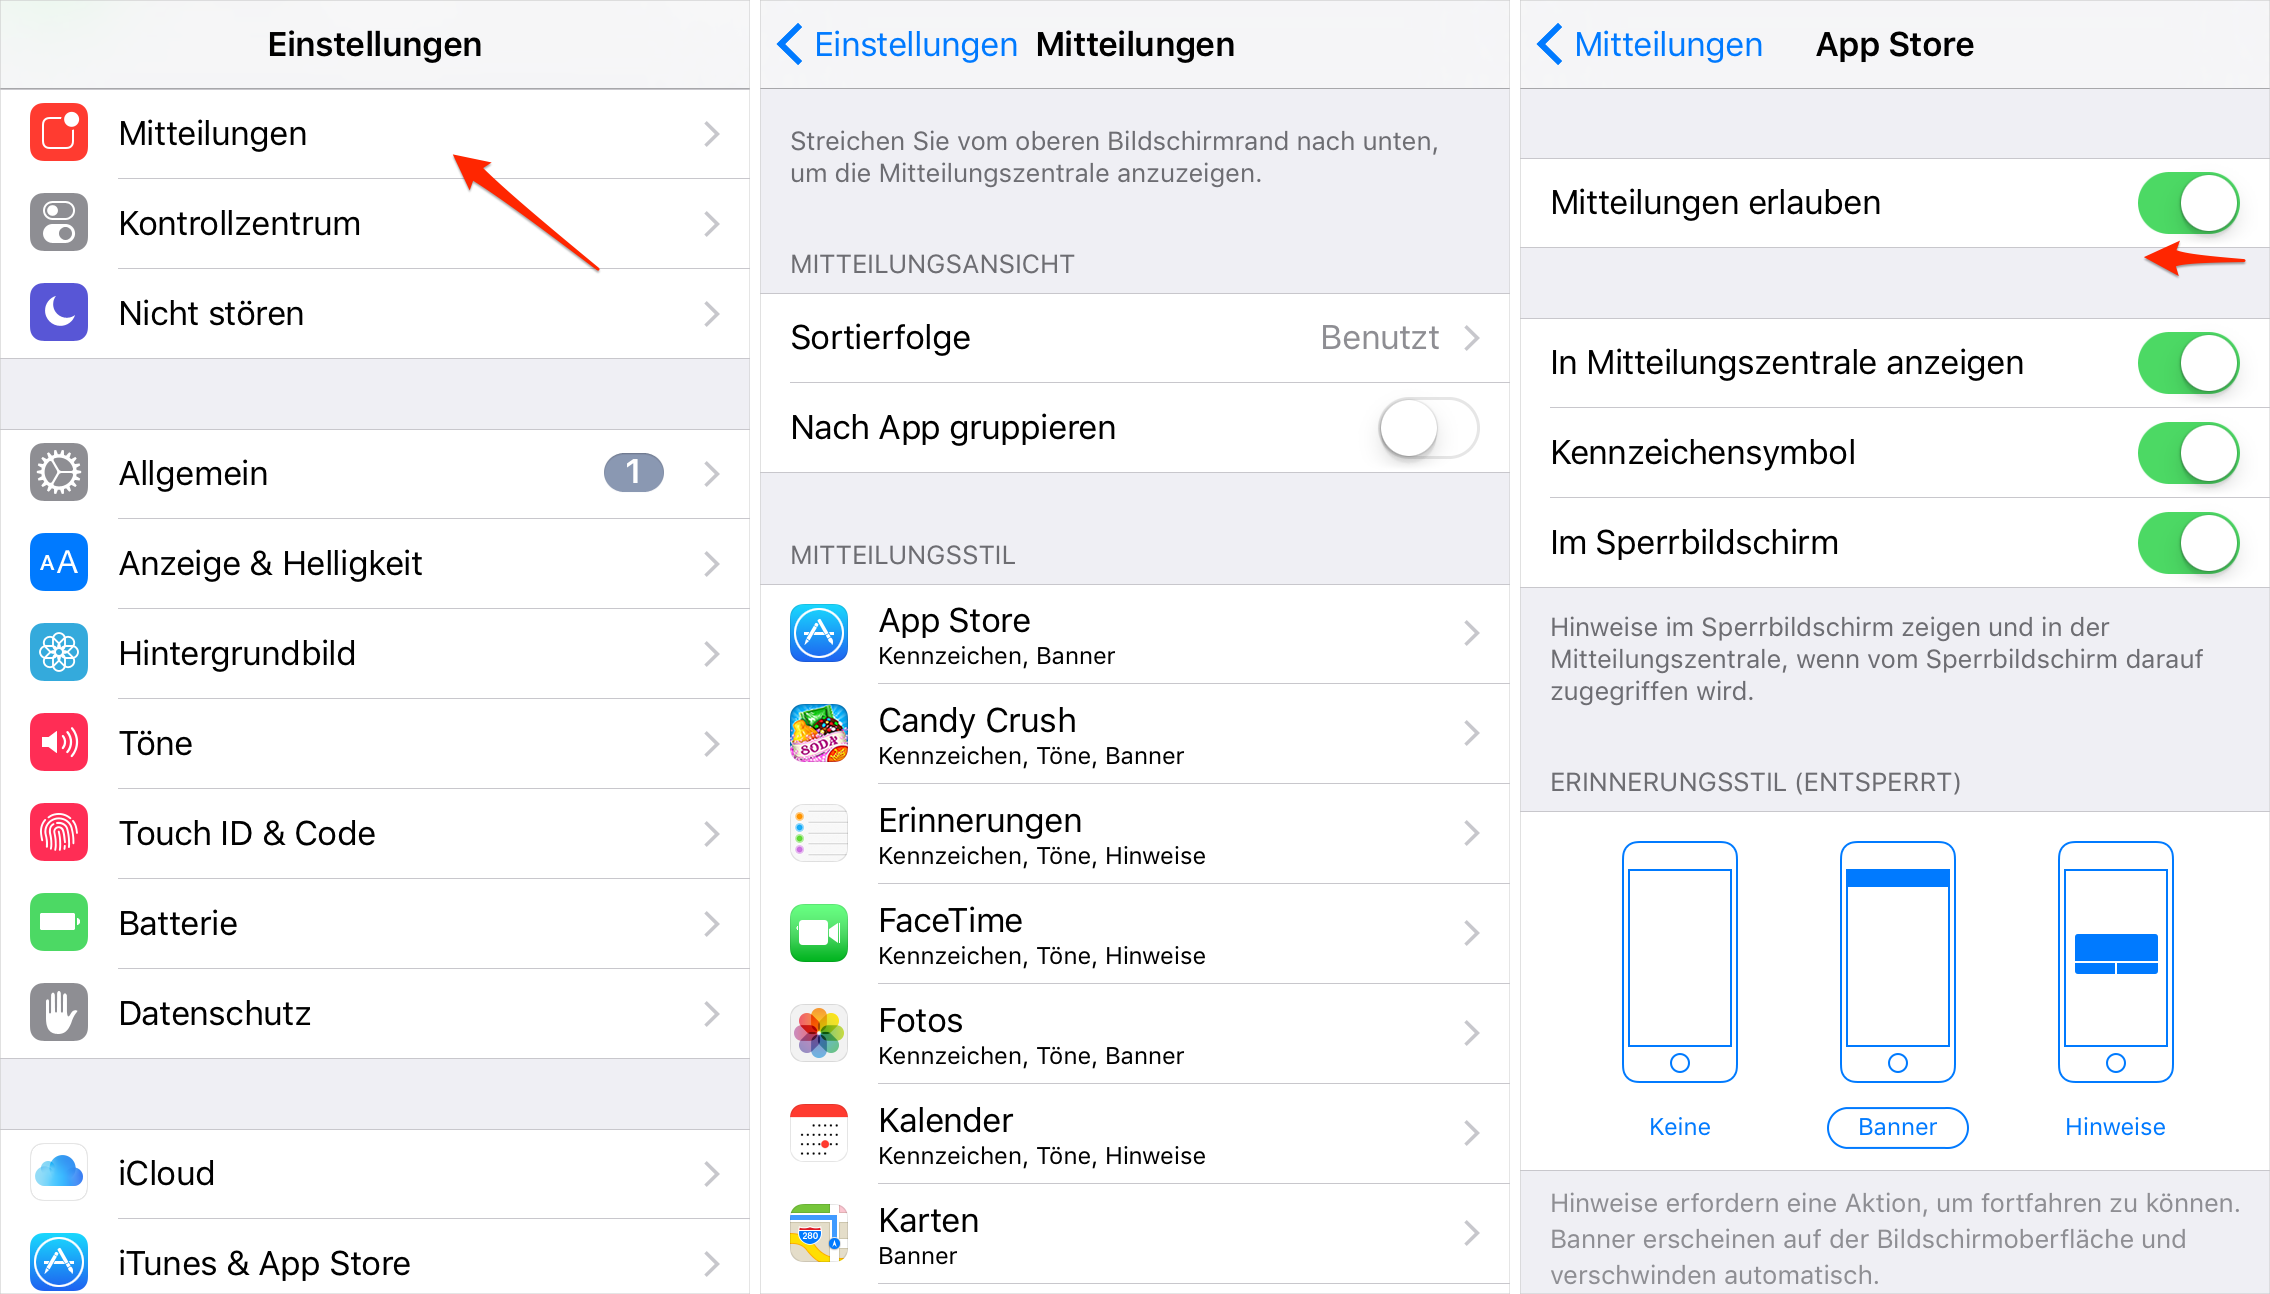 Pusch-Benachrichtigungen auf iPhone/iPad deaktivieren